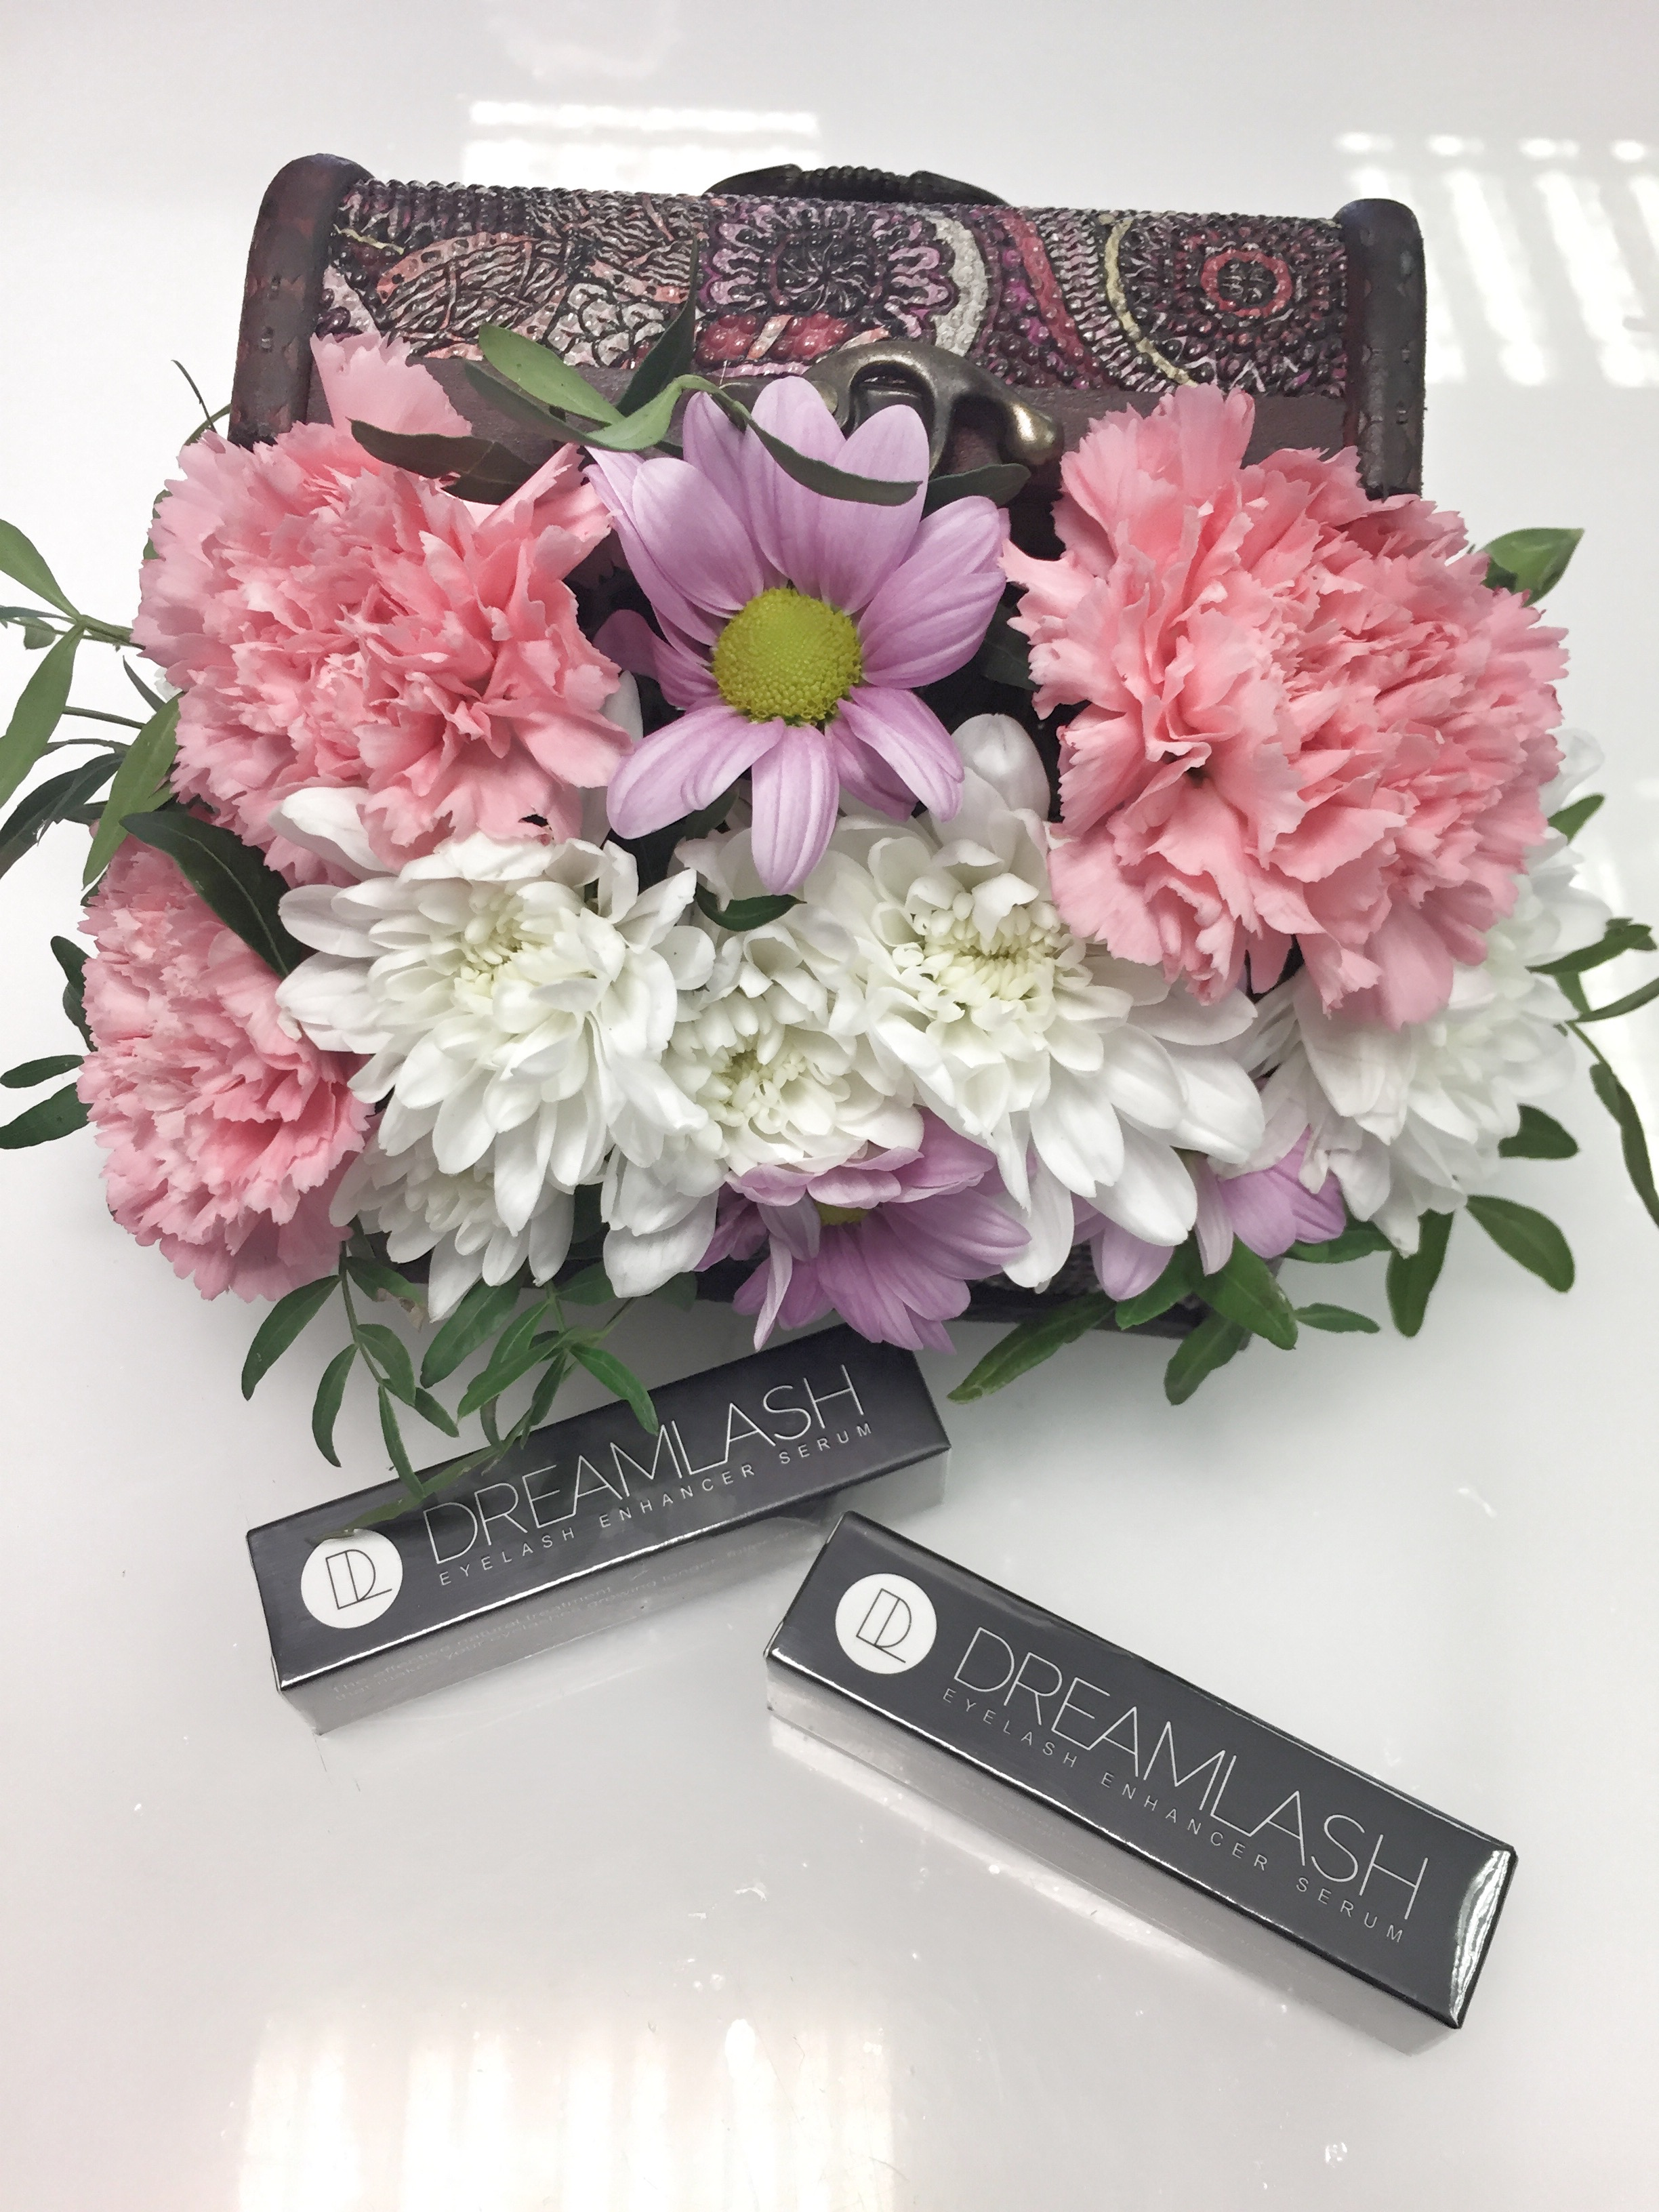 Дримлаш | Dreamlash для роста ресниц с букетами цветов